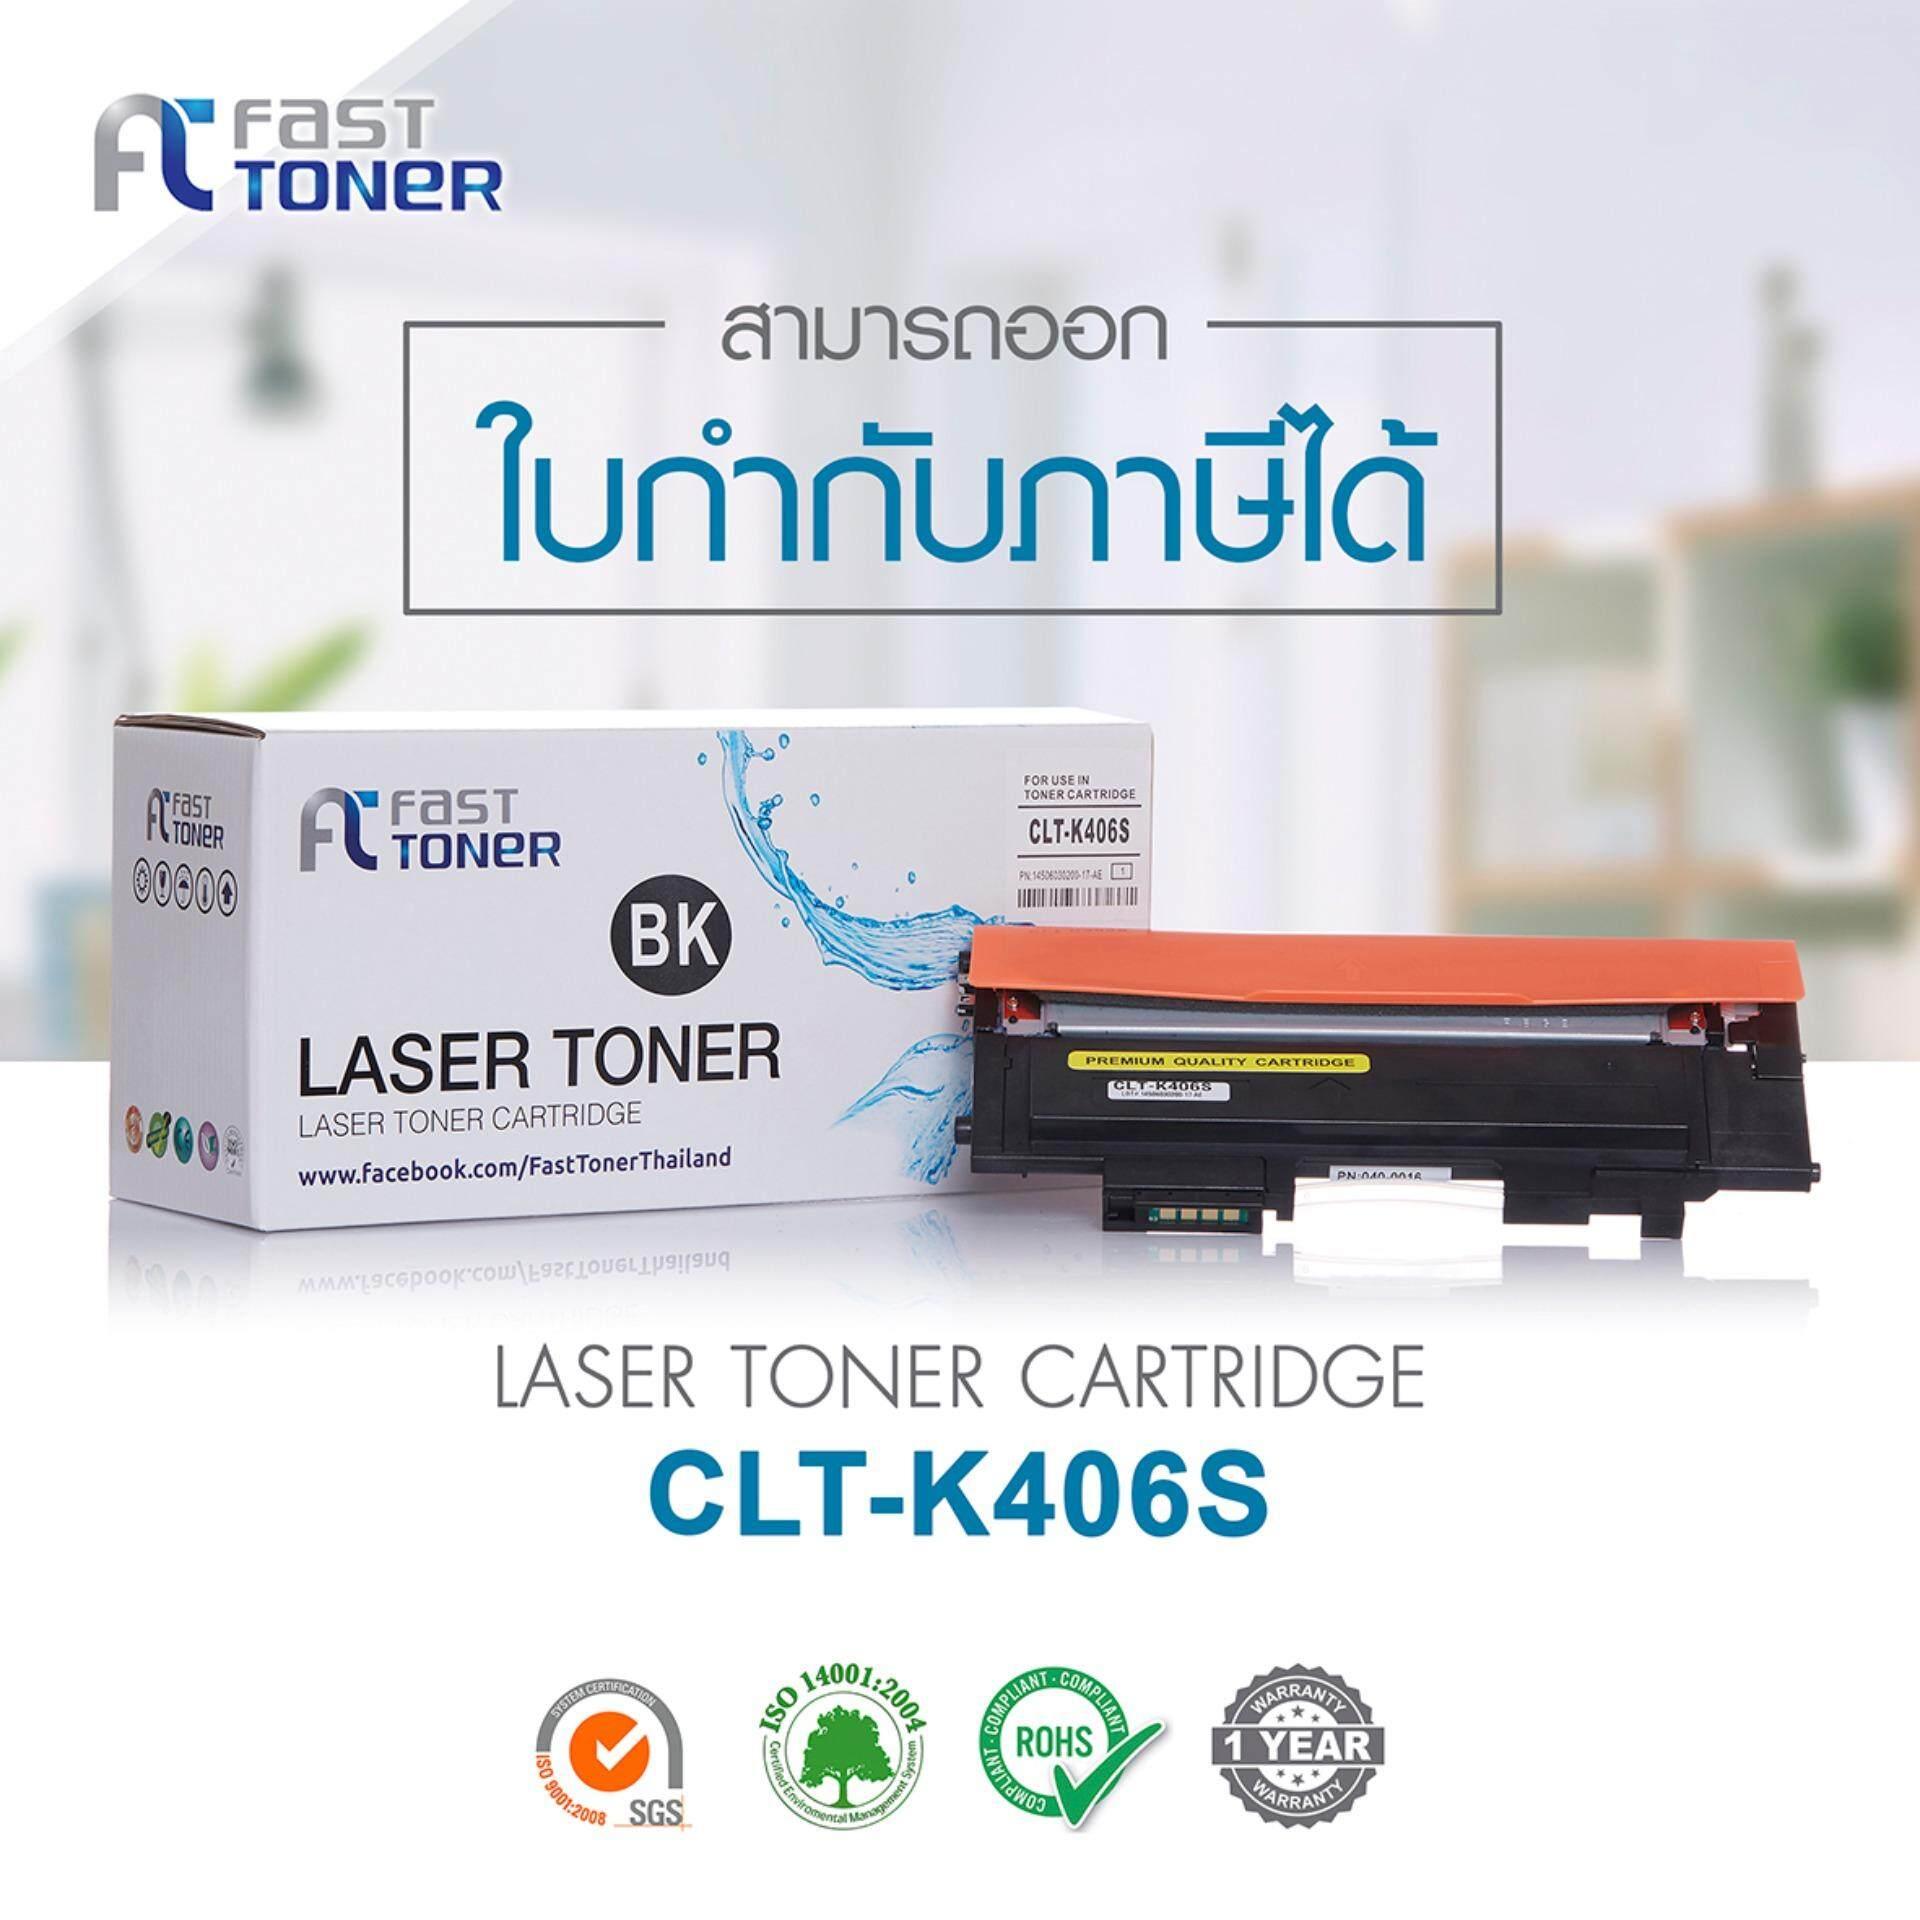 ขาย Fast Toner ตลับหมึกเลเซอร์ Samsung Clt K406S สีดำ For Printer Sumsung Xpress Sl C460 C410 Clp 365 W Clx 3305 W Fn Fw